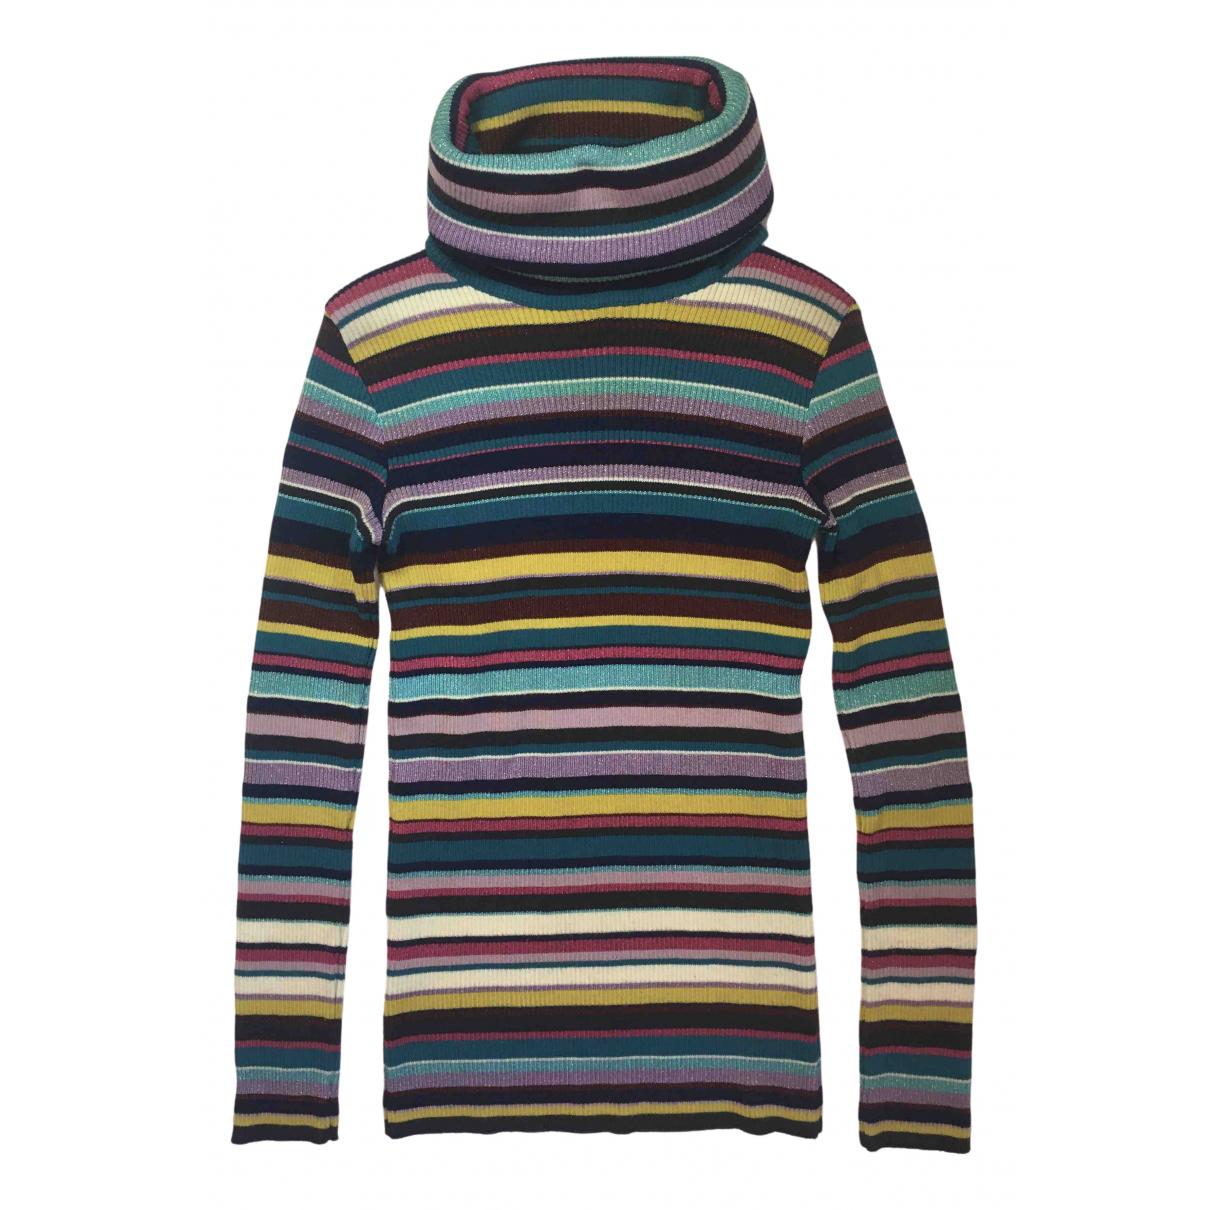 D&g N Multicolour Wool Knitwear for Women 44 IT